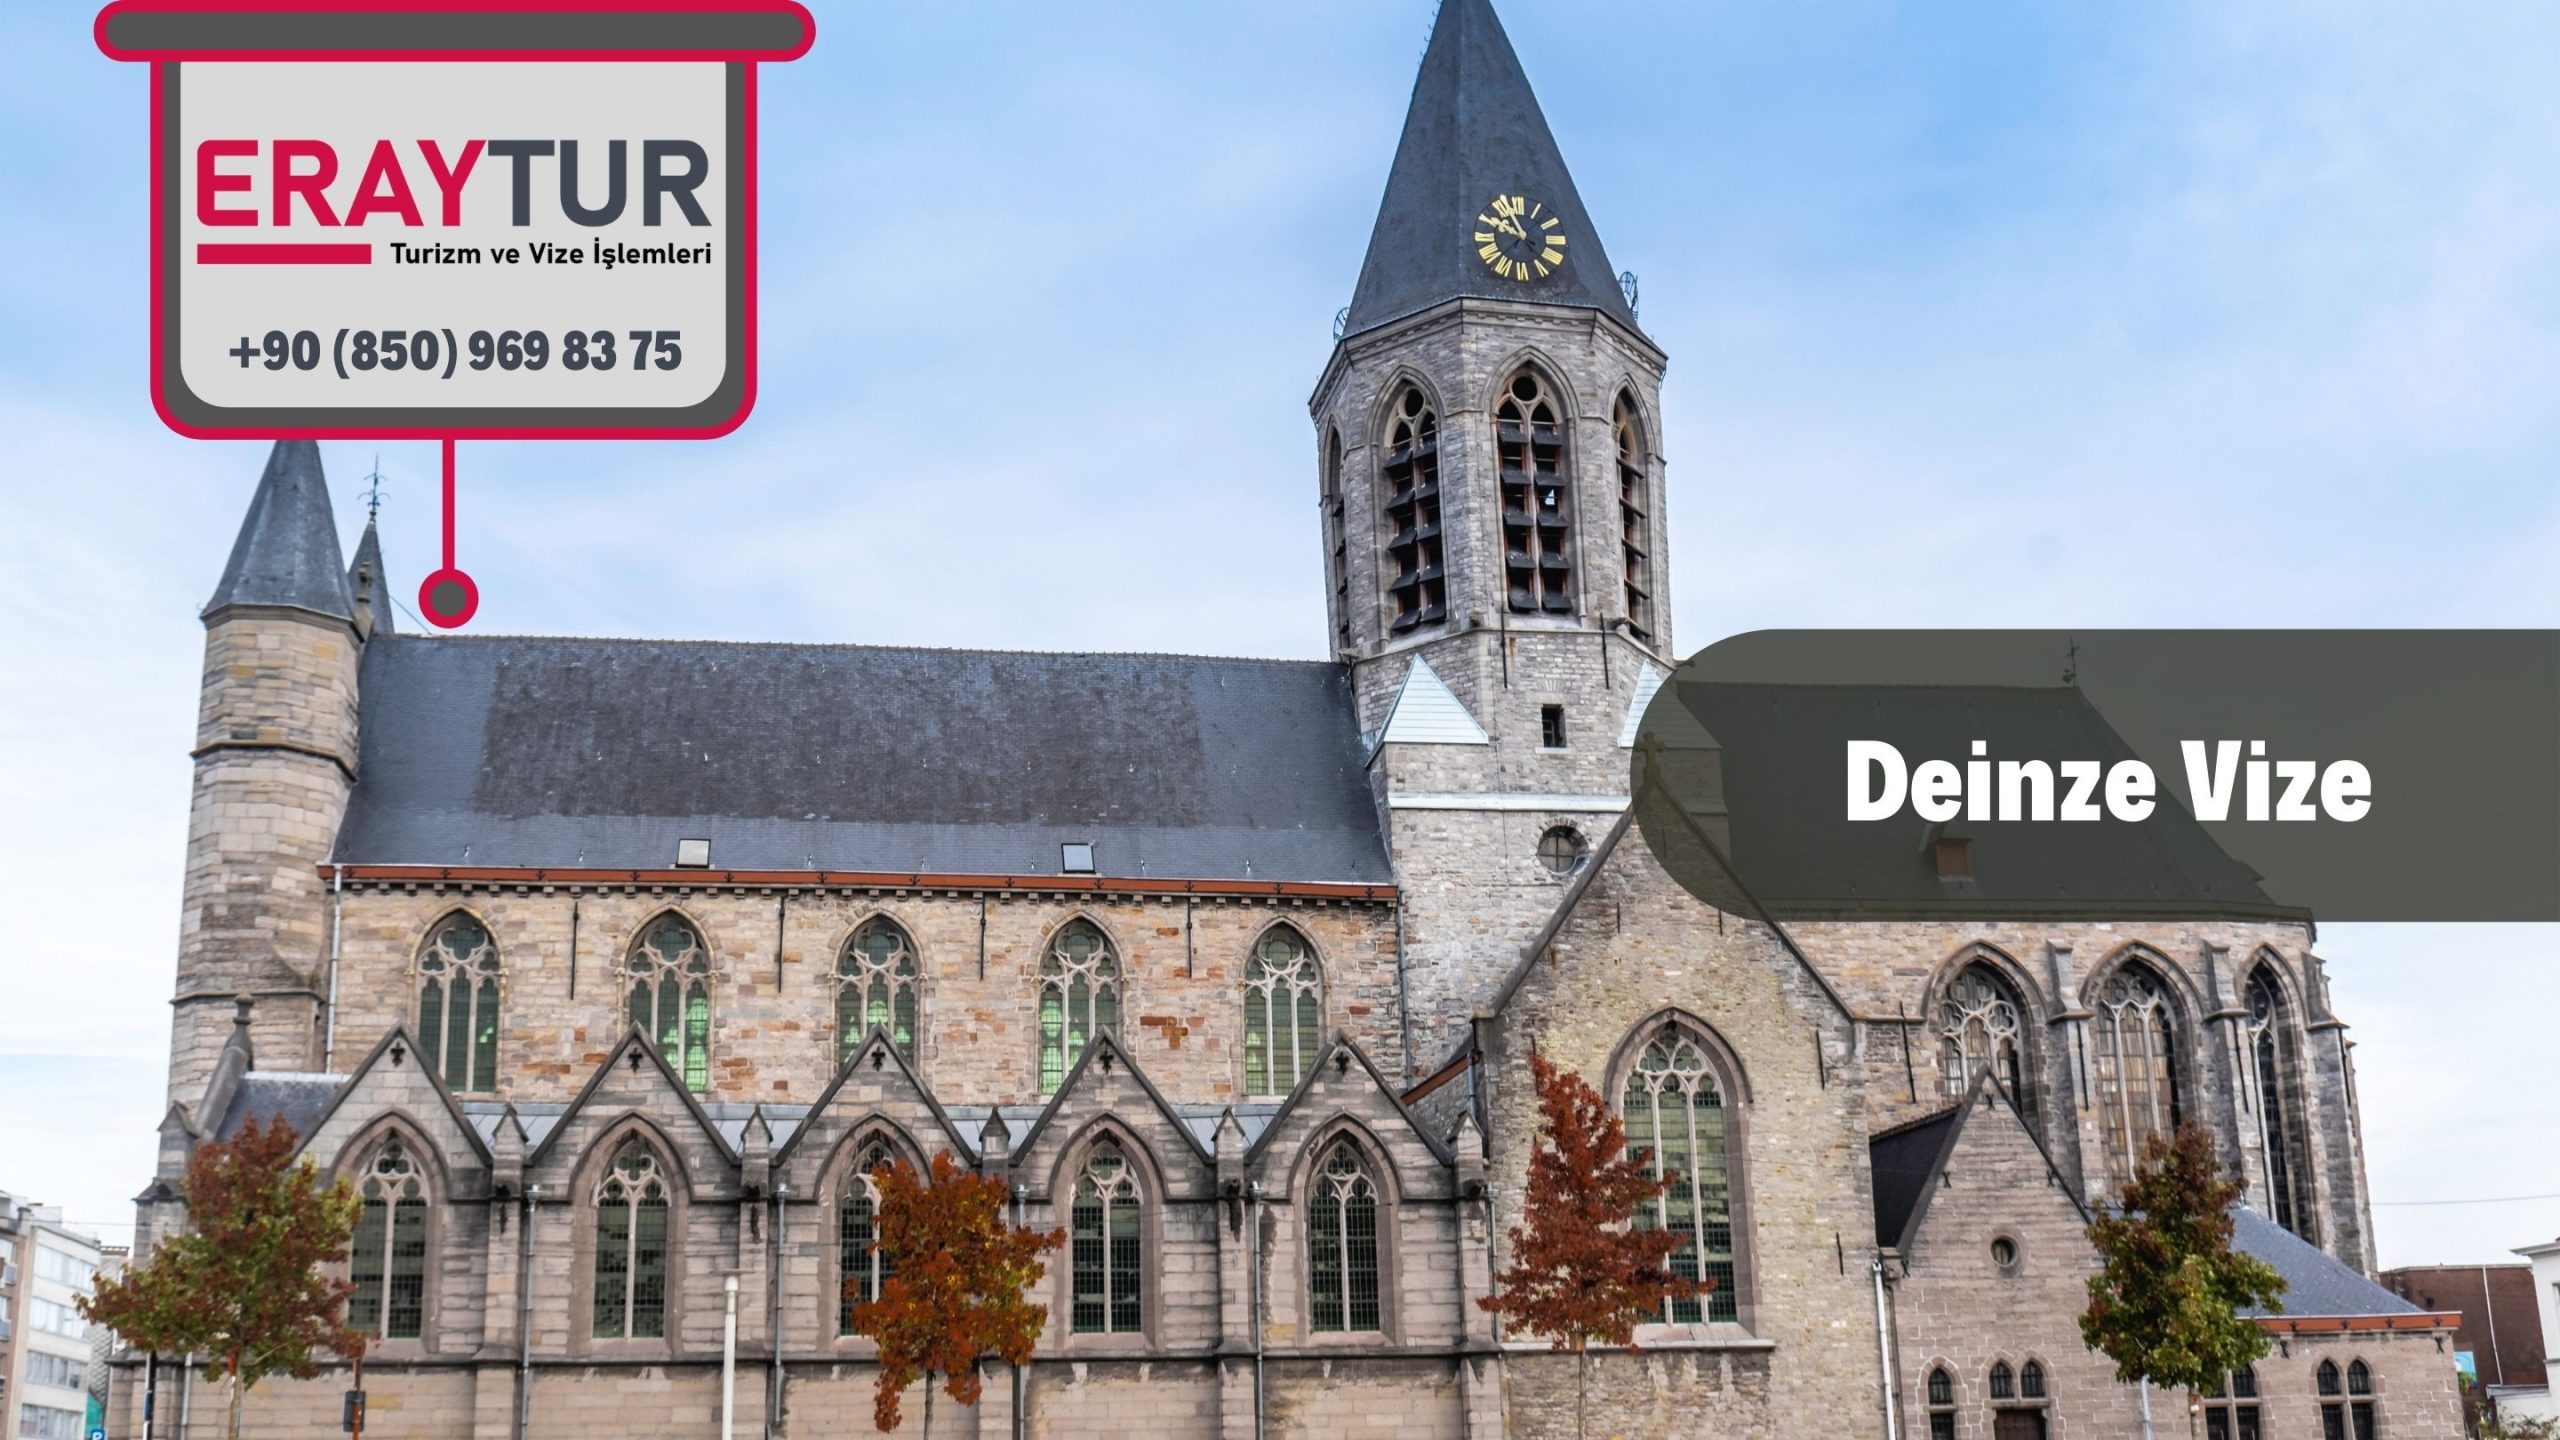 Belçika Deinze Vize Başvurusu